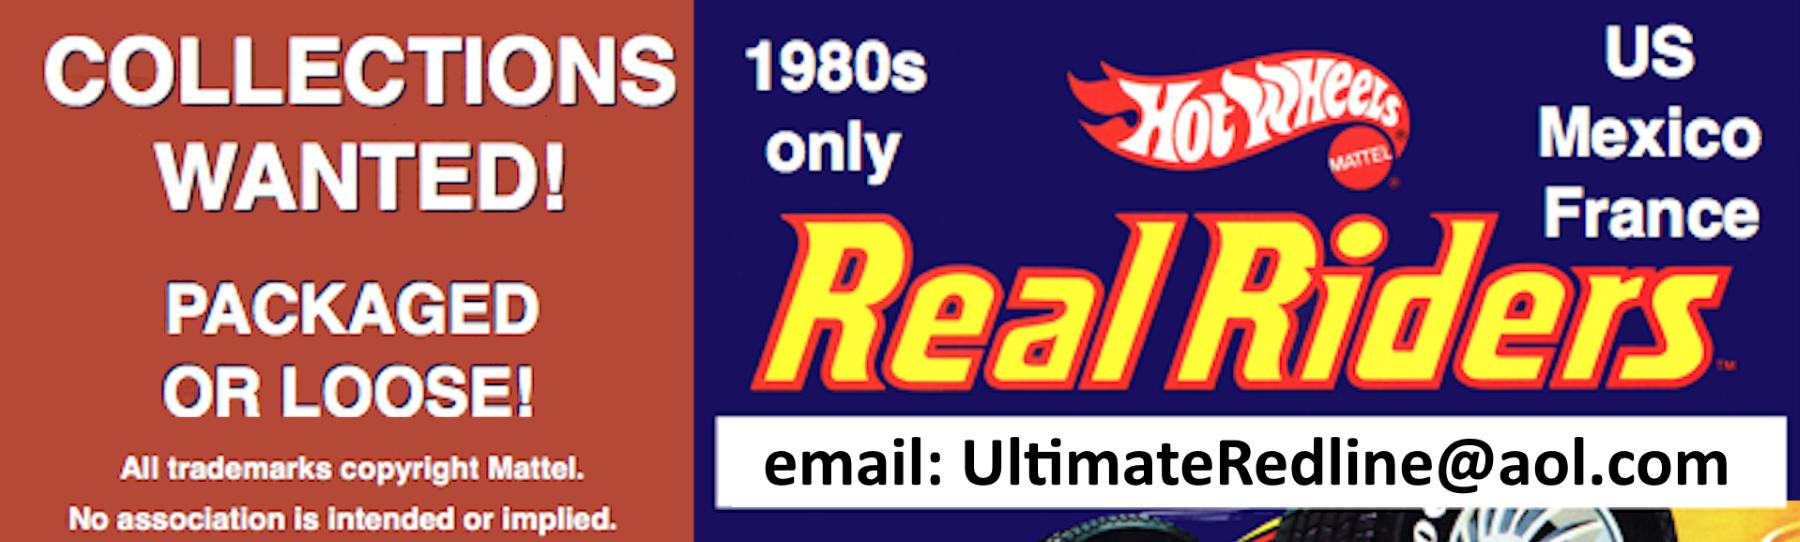 robert_wicker_real_riders_banner